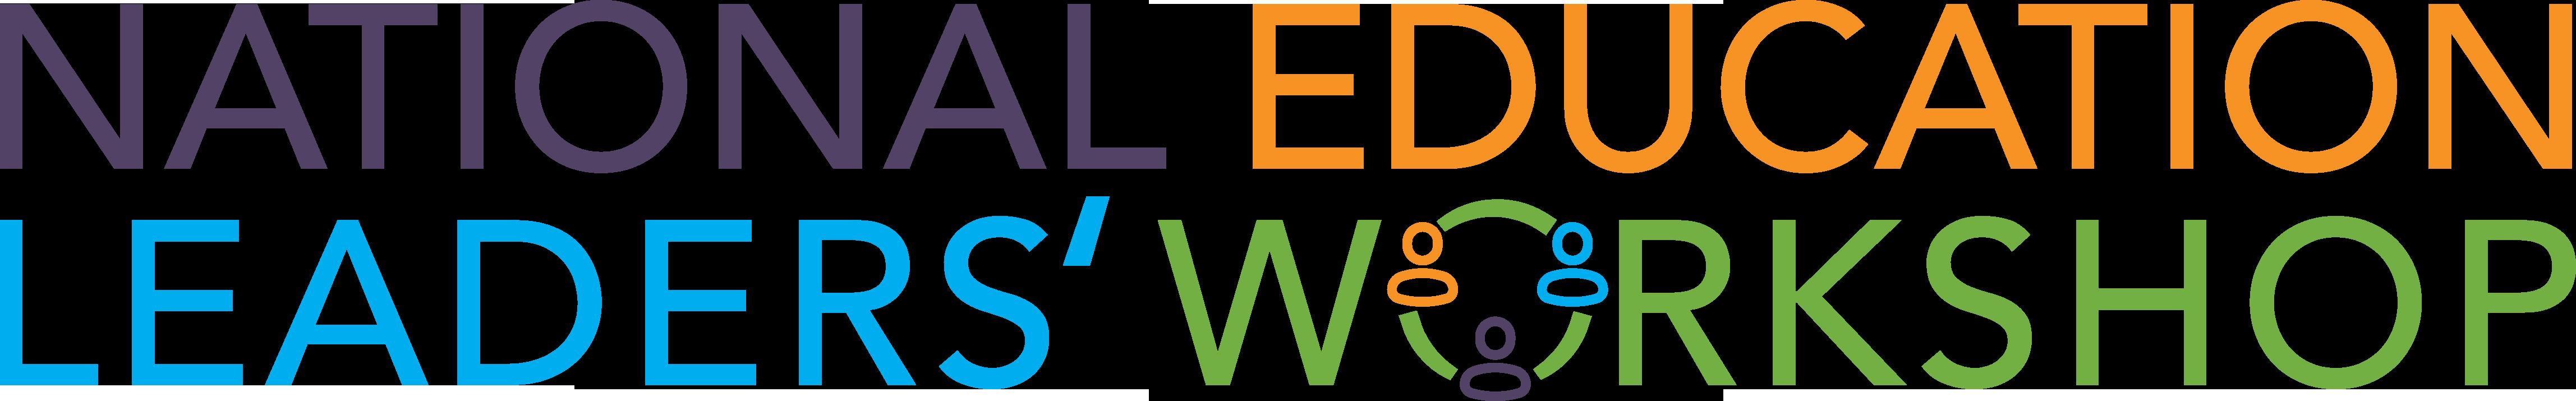 National Education Leaders' Workshop 2018